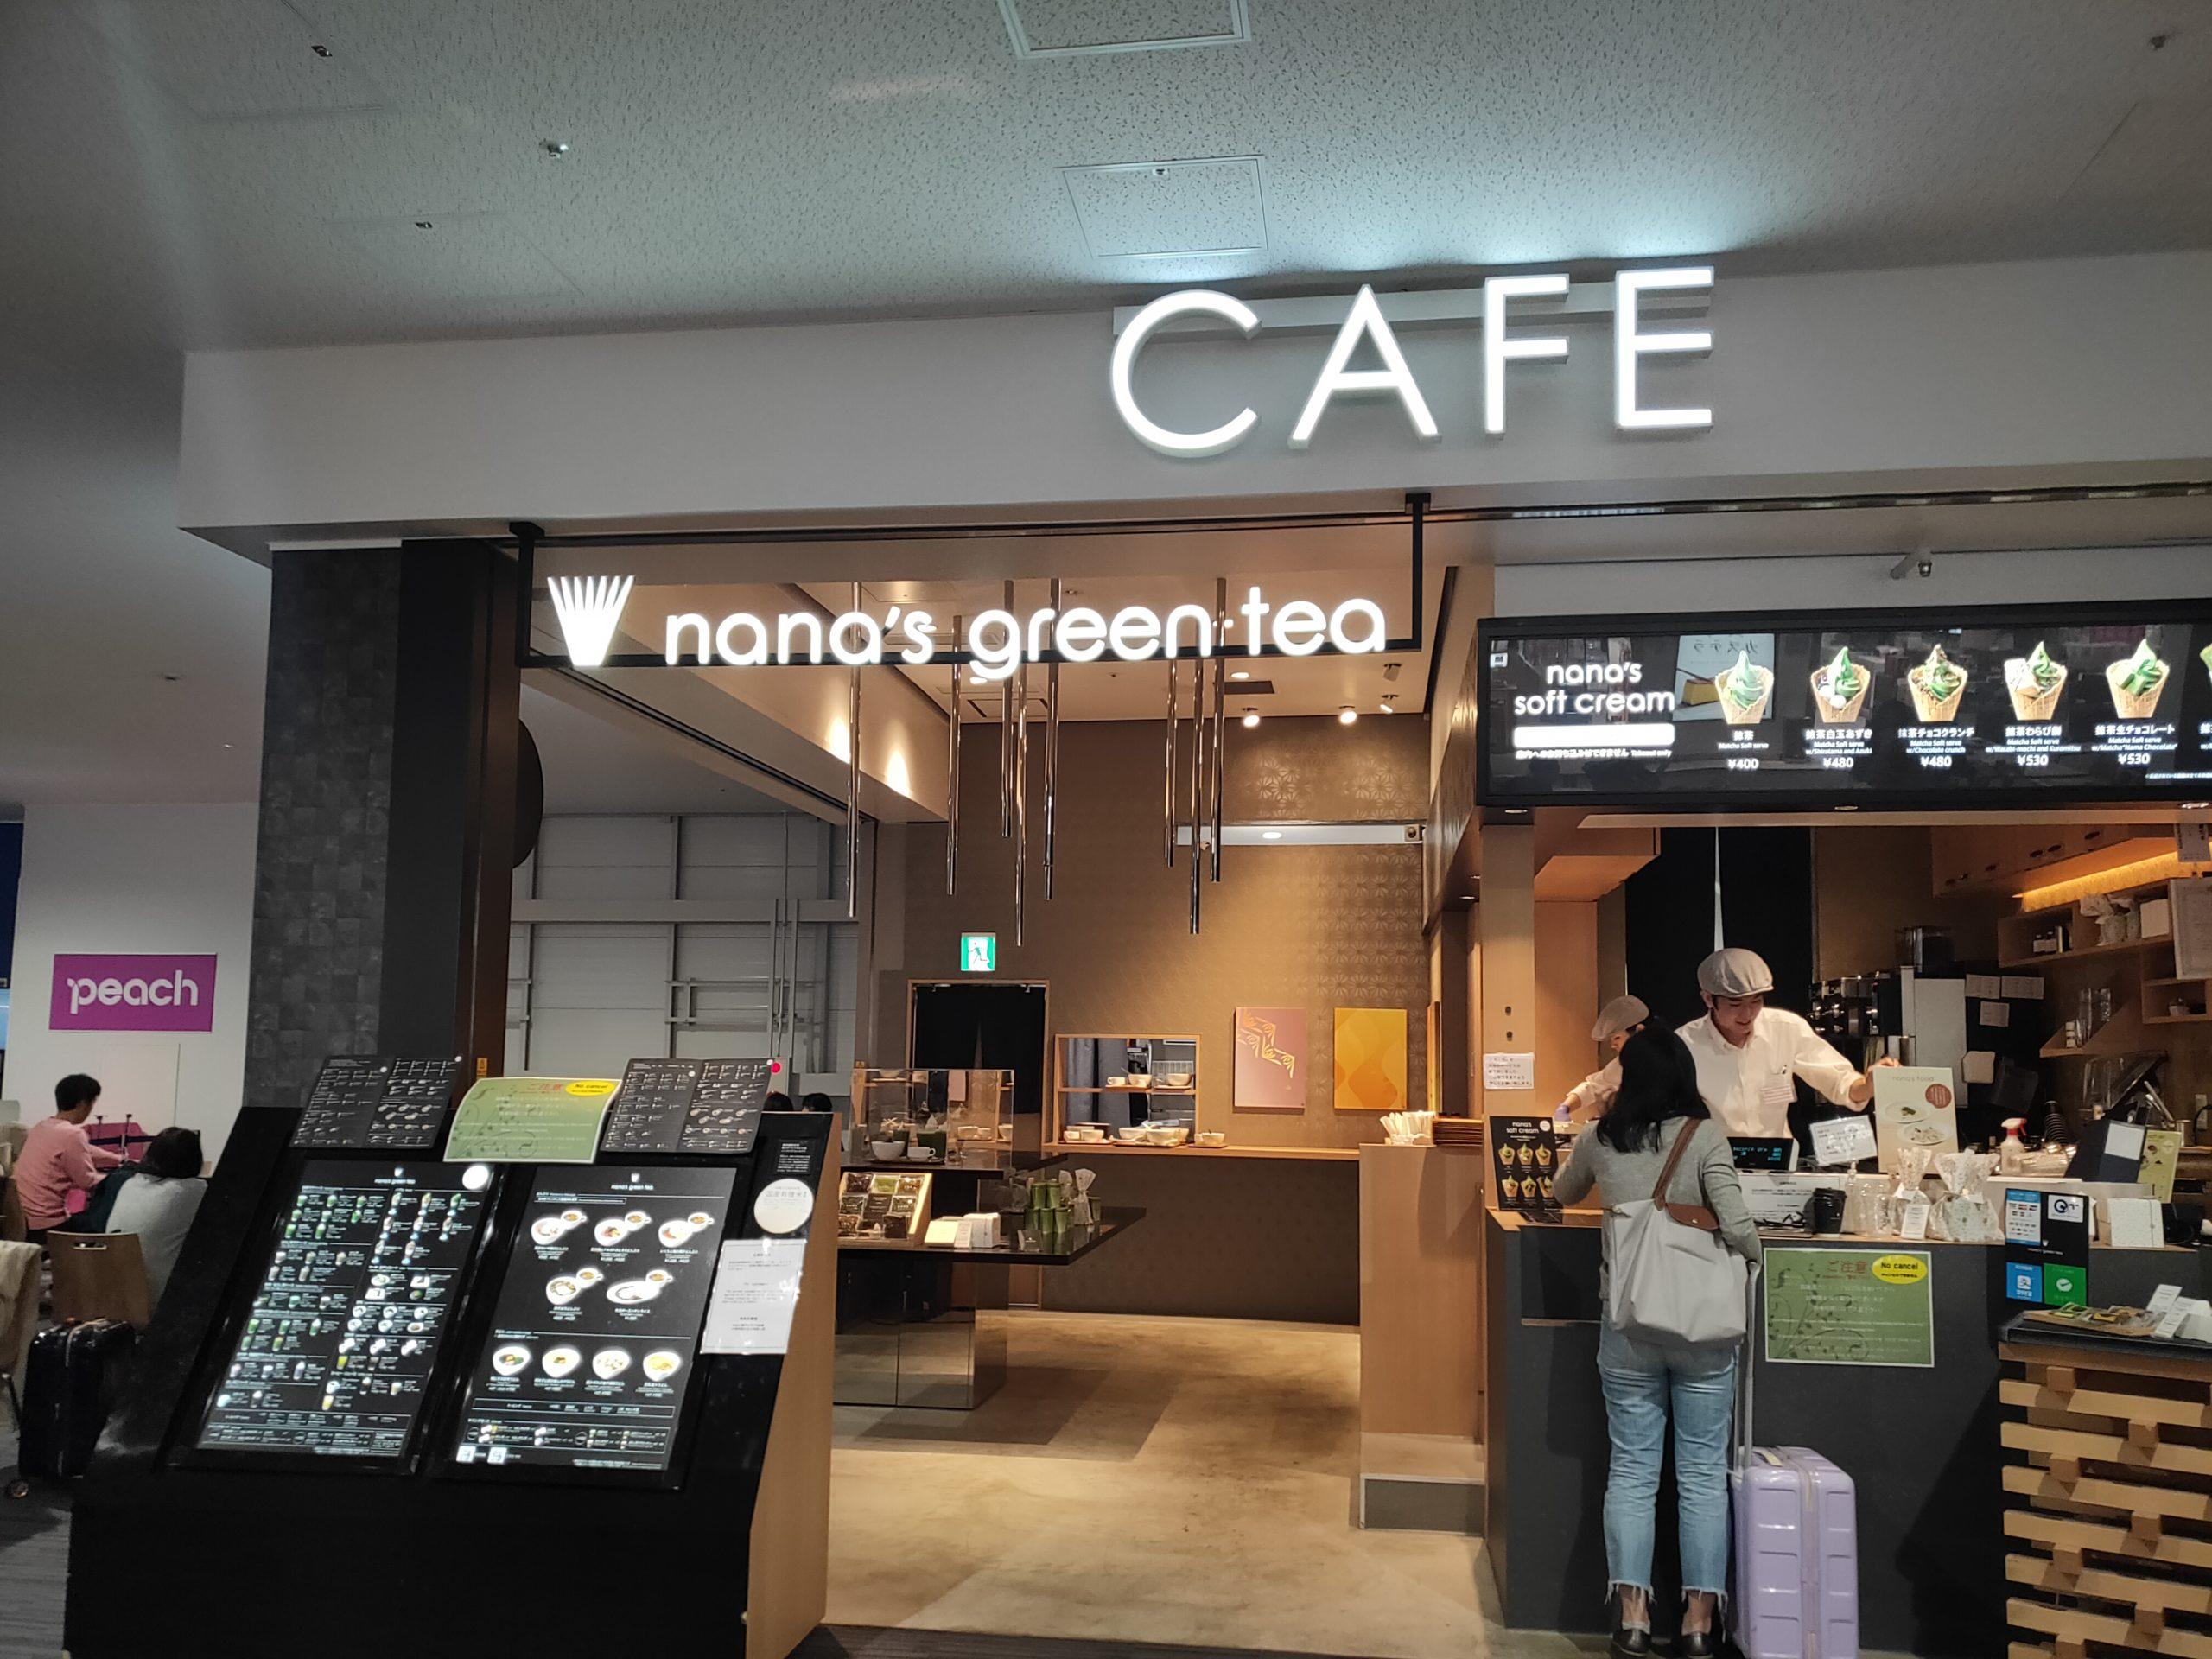 関空第2ターミナル 制限区域 カフェ